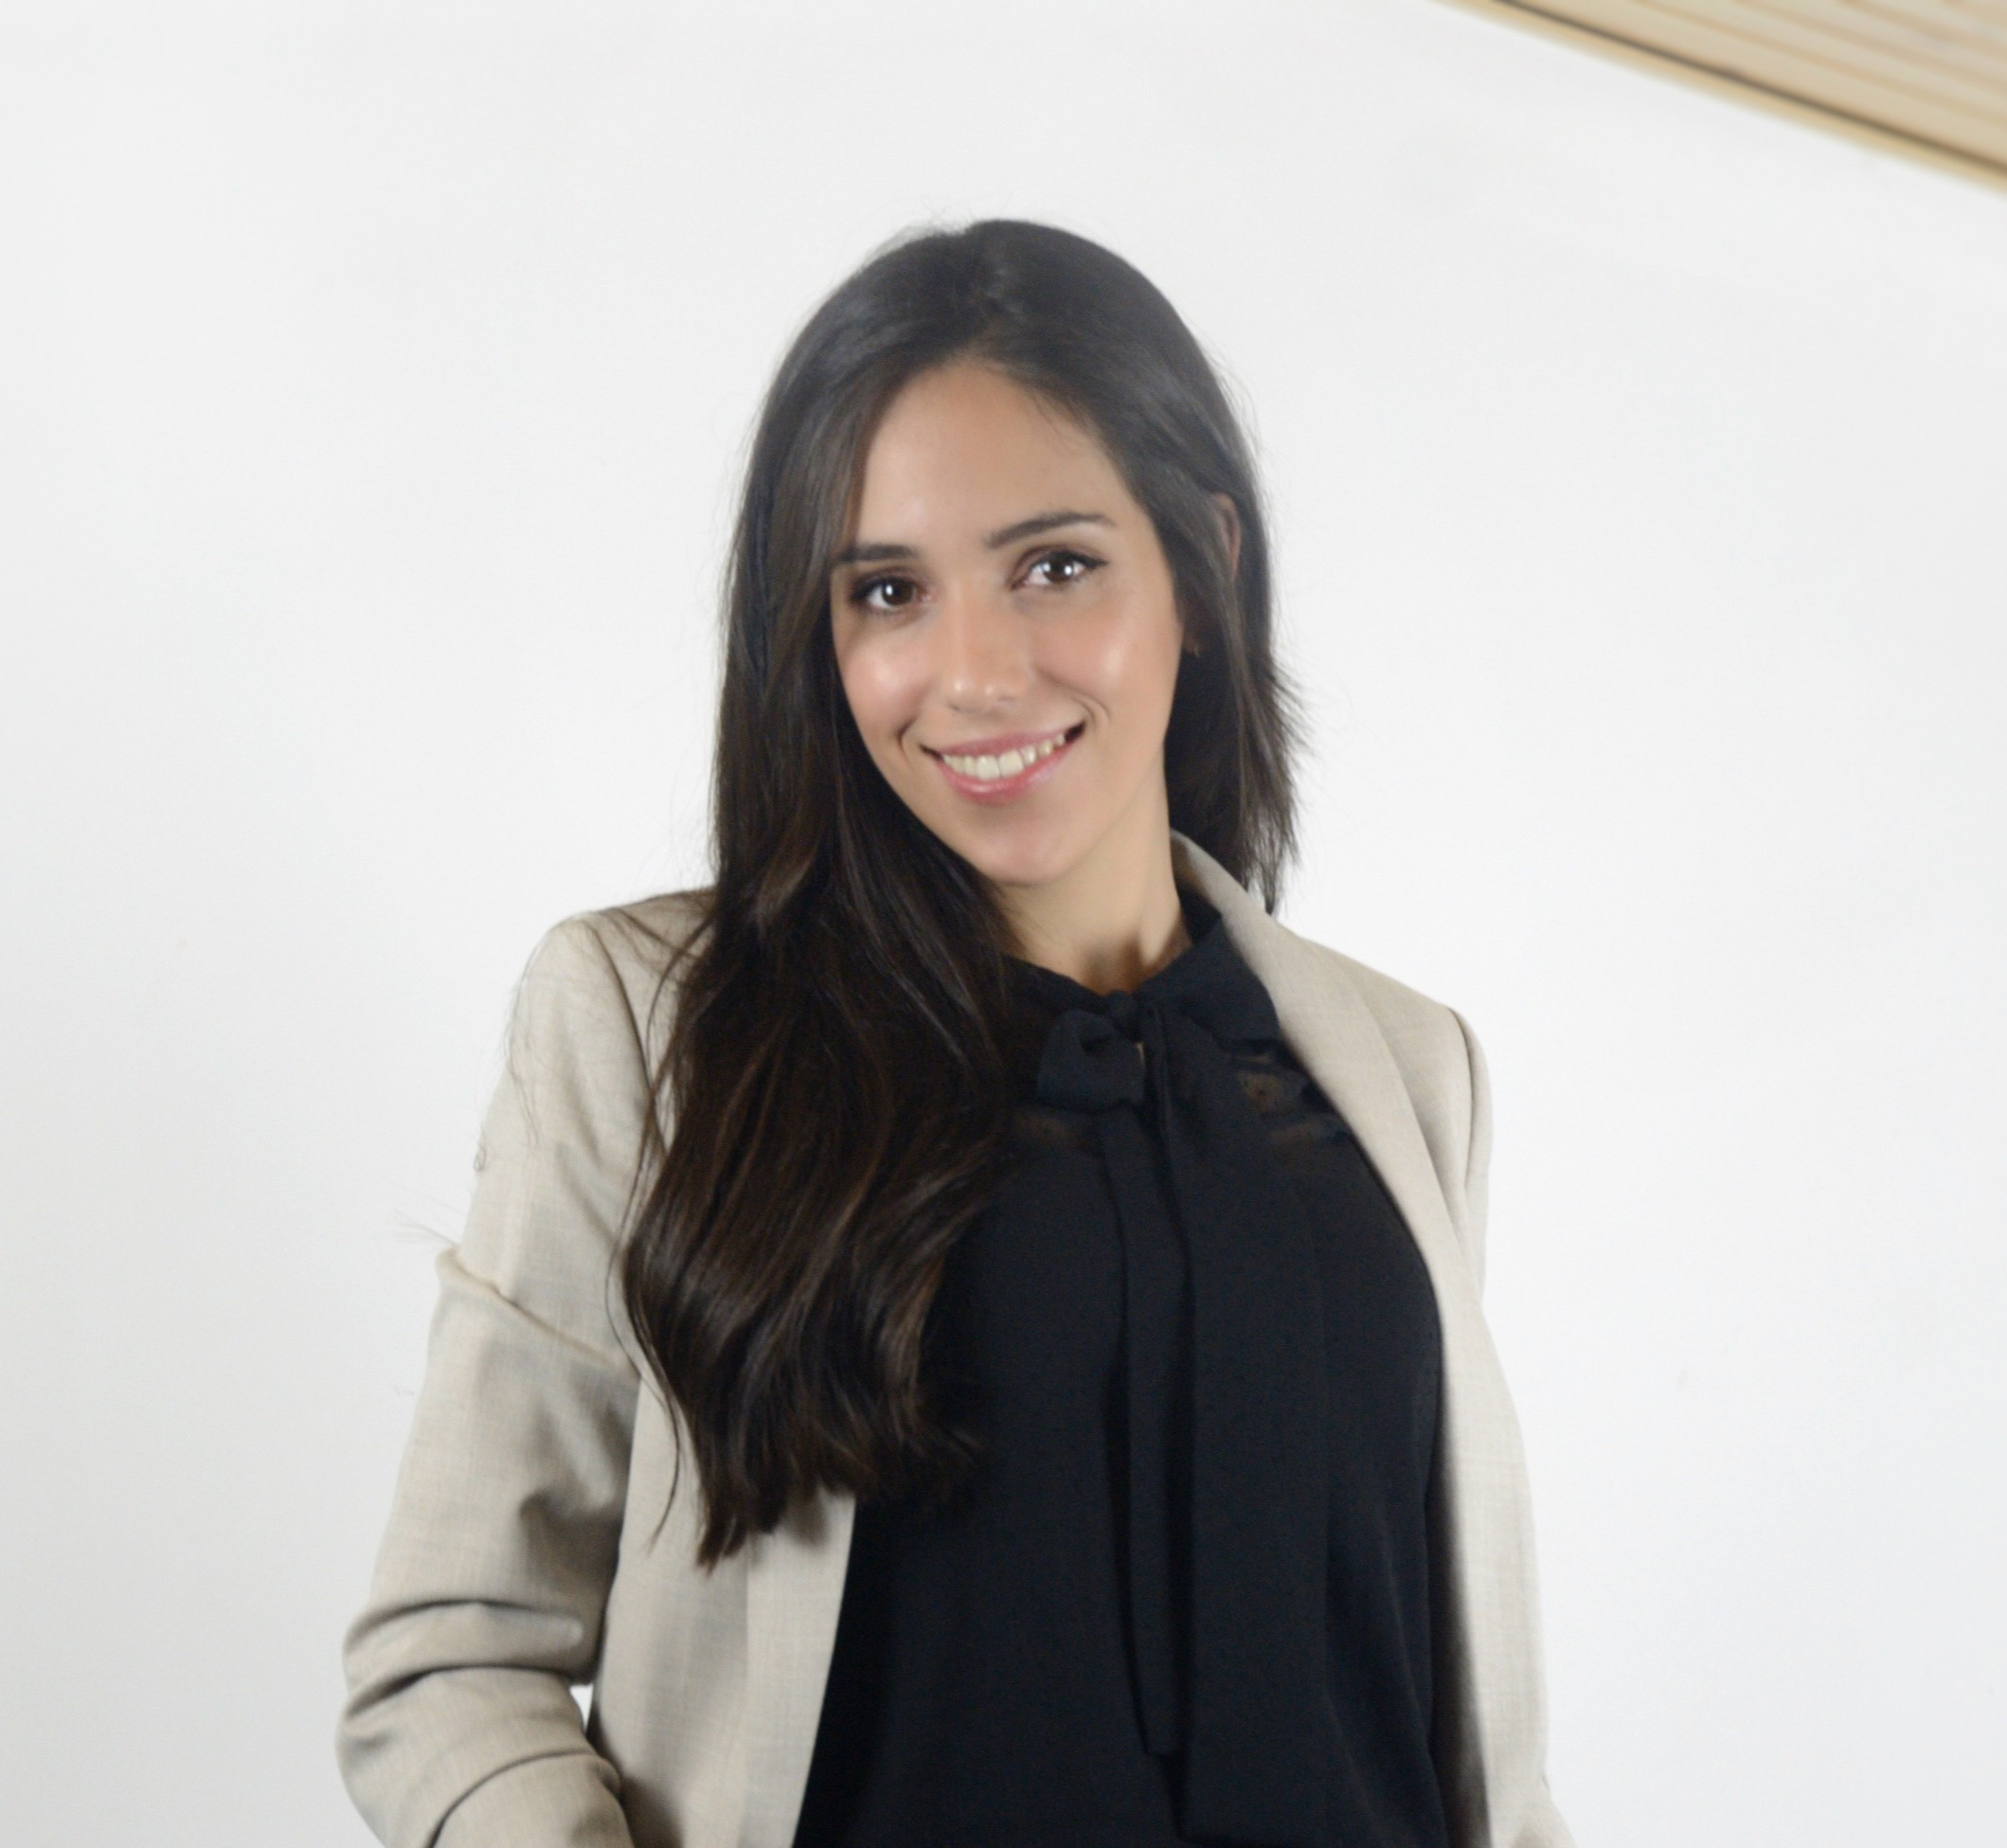 Andreia Dos Santos Afonso